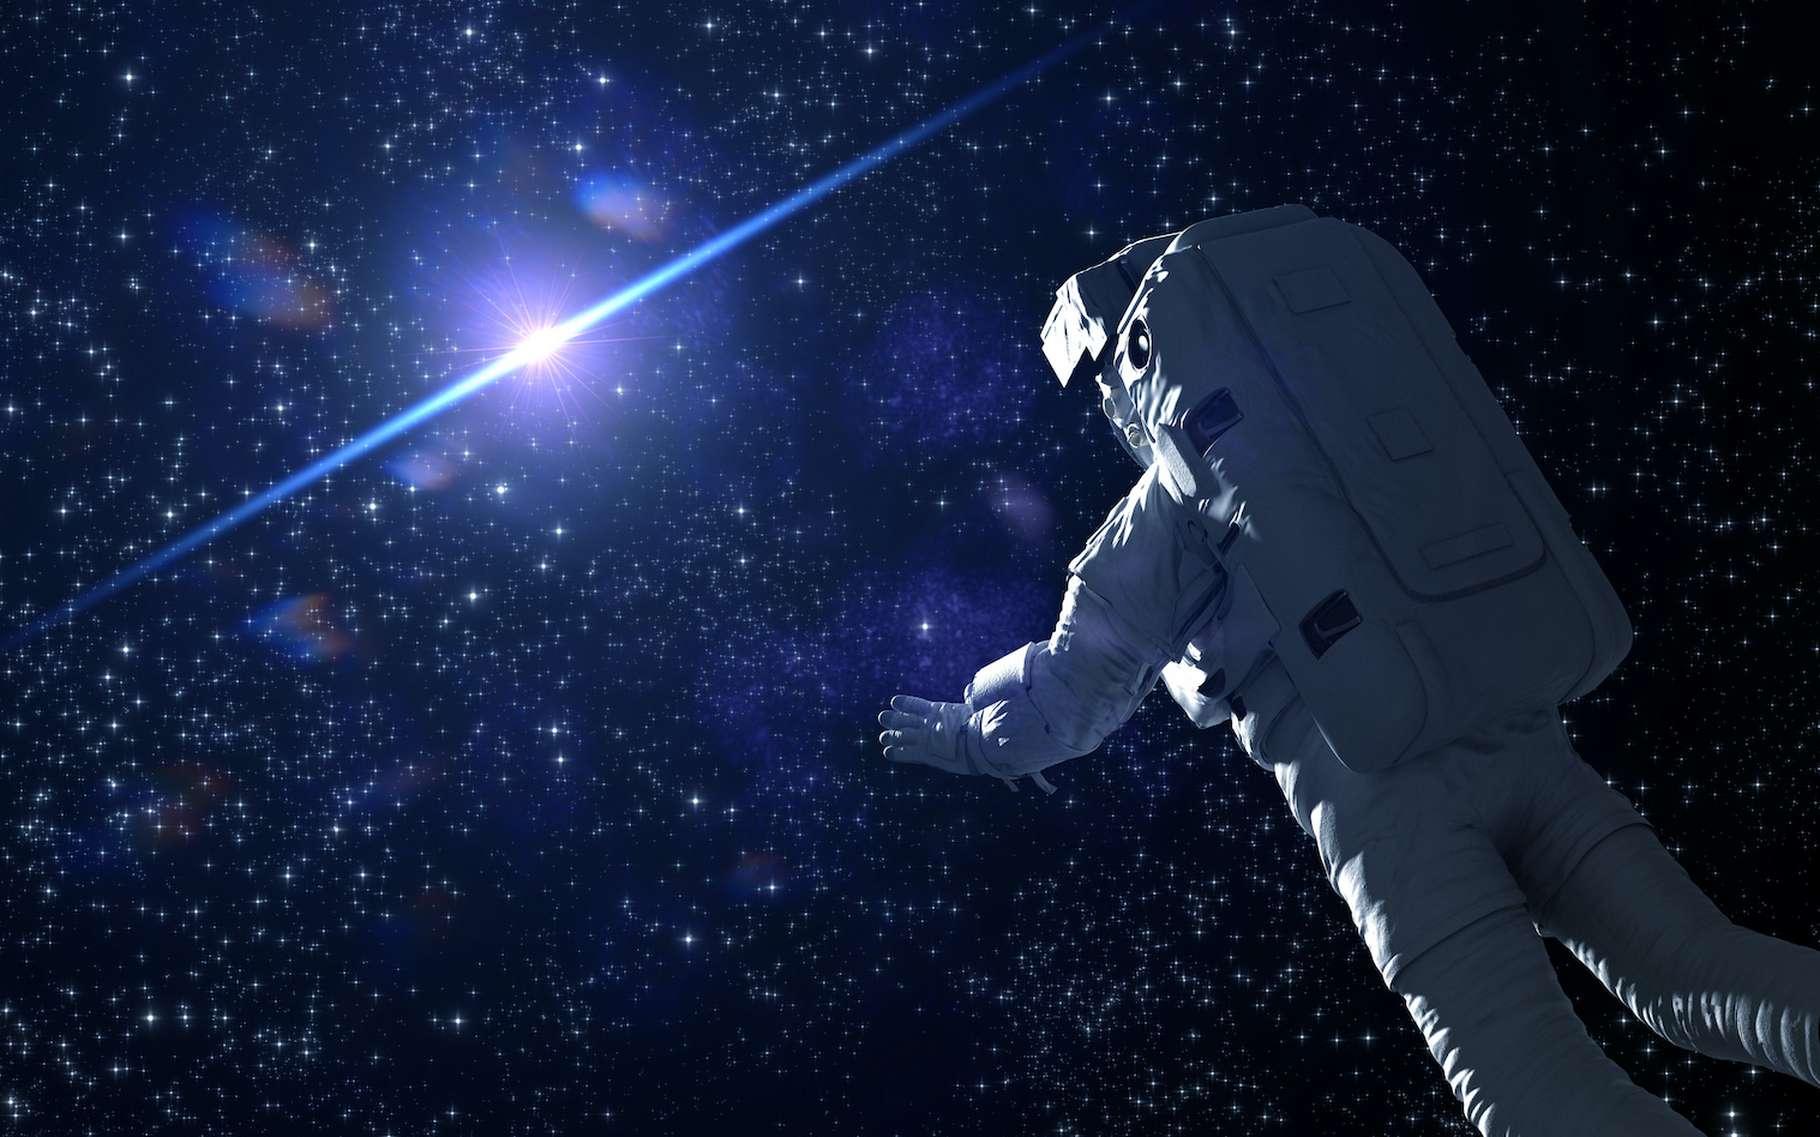 Pendant le confinement, la Cité de l'espace vous propose des missions qui vous permettront de vous mettre dans la peau d'un astronaute. © dottedyeti, Adobe Stock